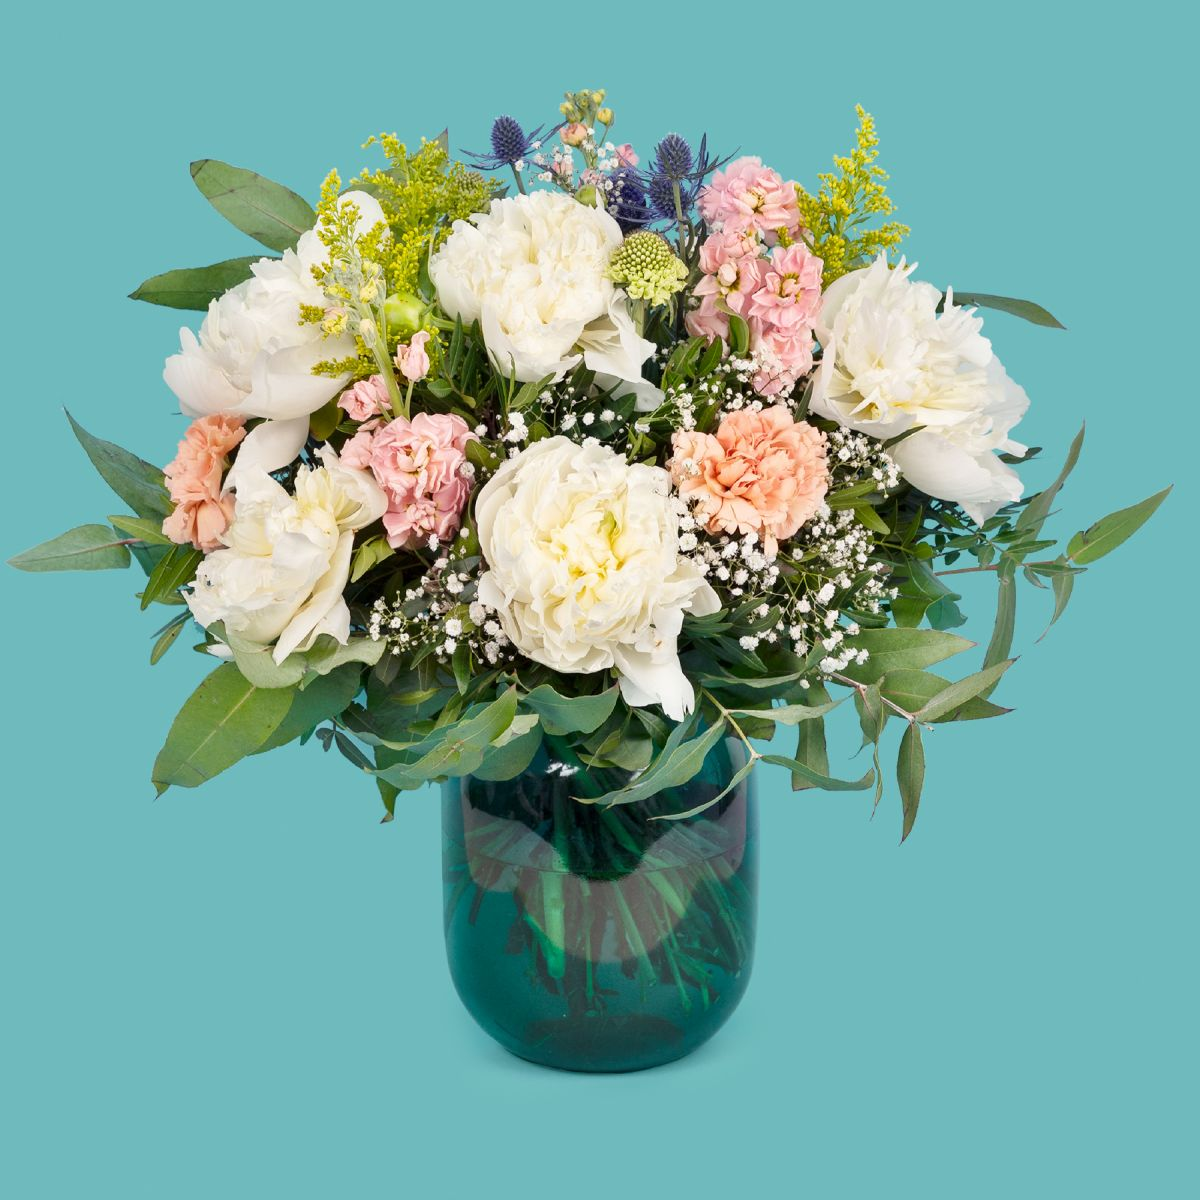 Fiori a domicilio - Bouquet di Peonie Bianche e Garofani  con Peonie Extra - FOLLOW ME BABE - Colvin